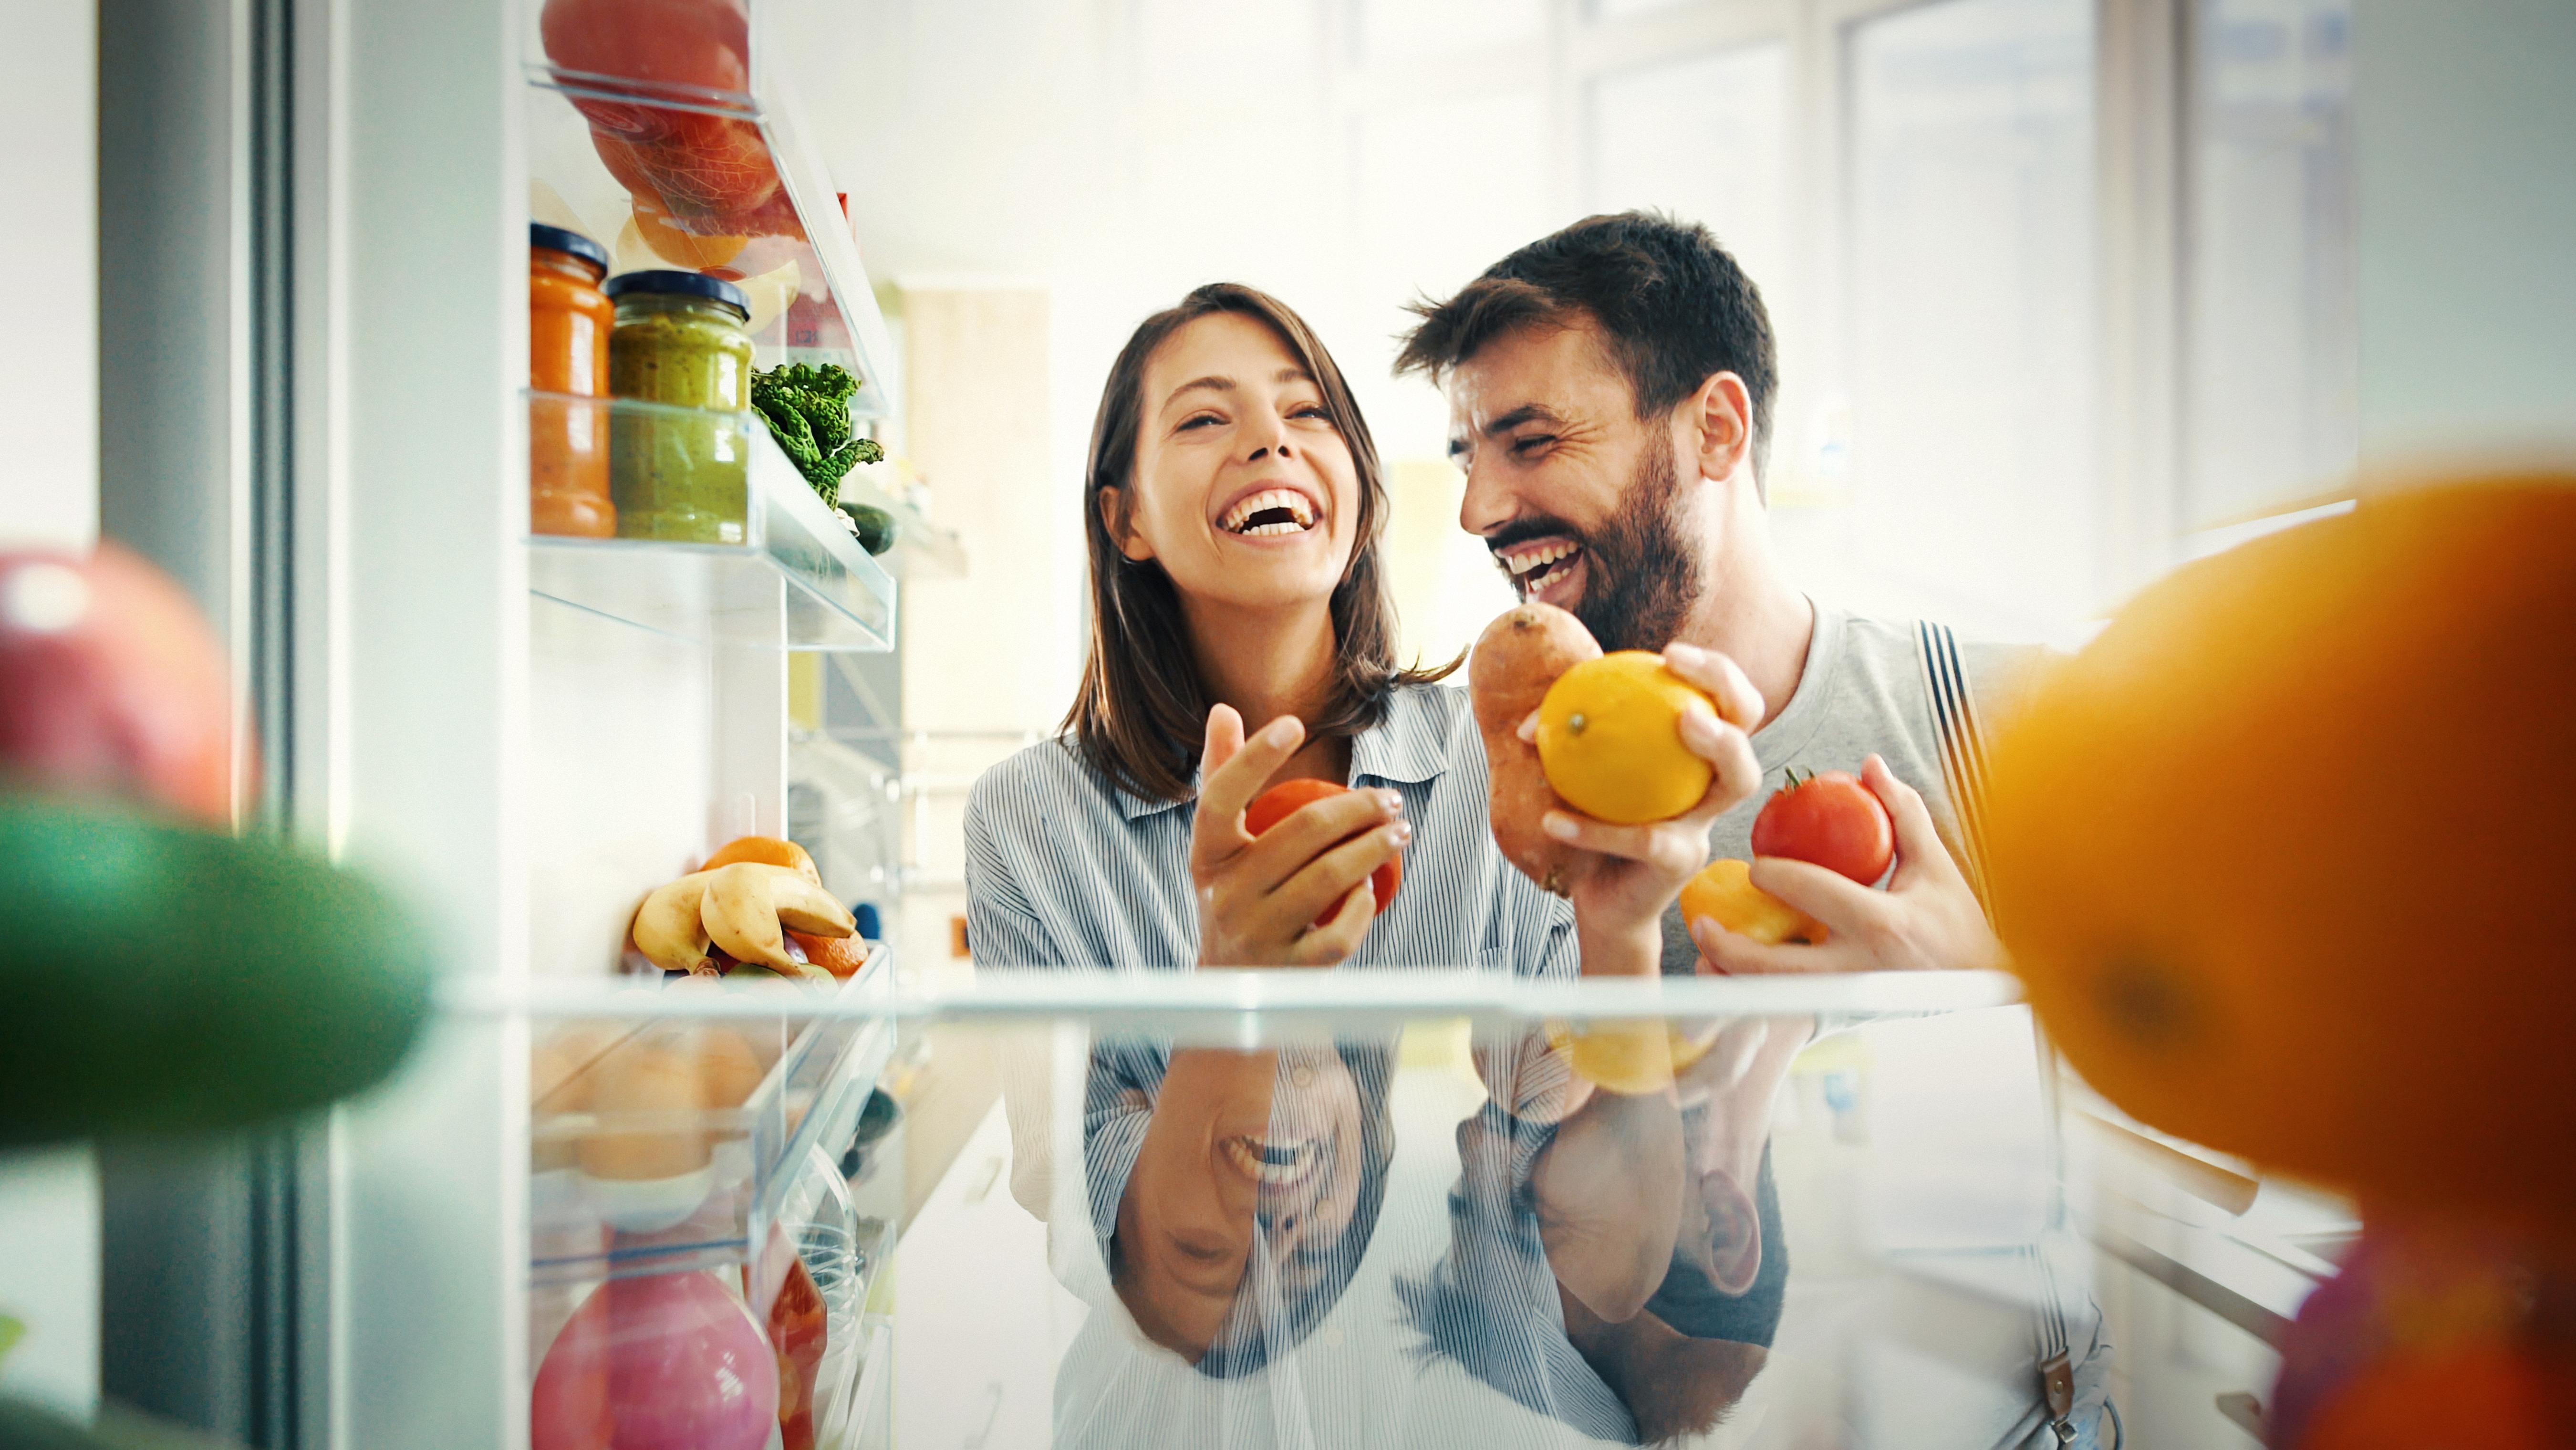 Не дръжте развалени продукти в хладилника.<br /> Следете редовно сроковете на годност на различните продукти. Понякога се случва някой изоставен морков да престои в дъното на хладилника докато изцяло загуби първоначалния си вид. А това значи много, много бактерии.